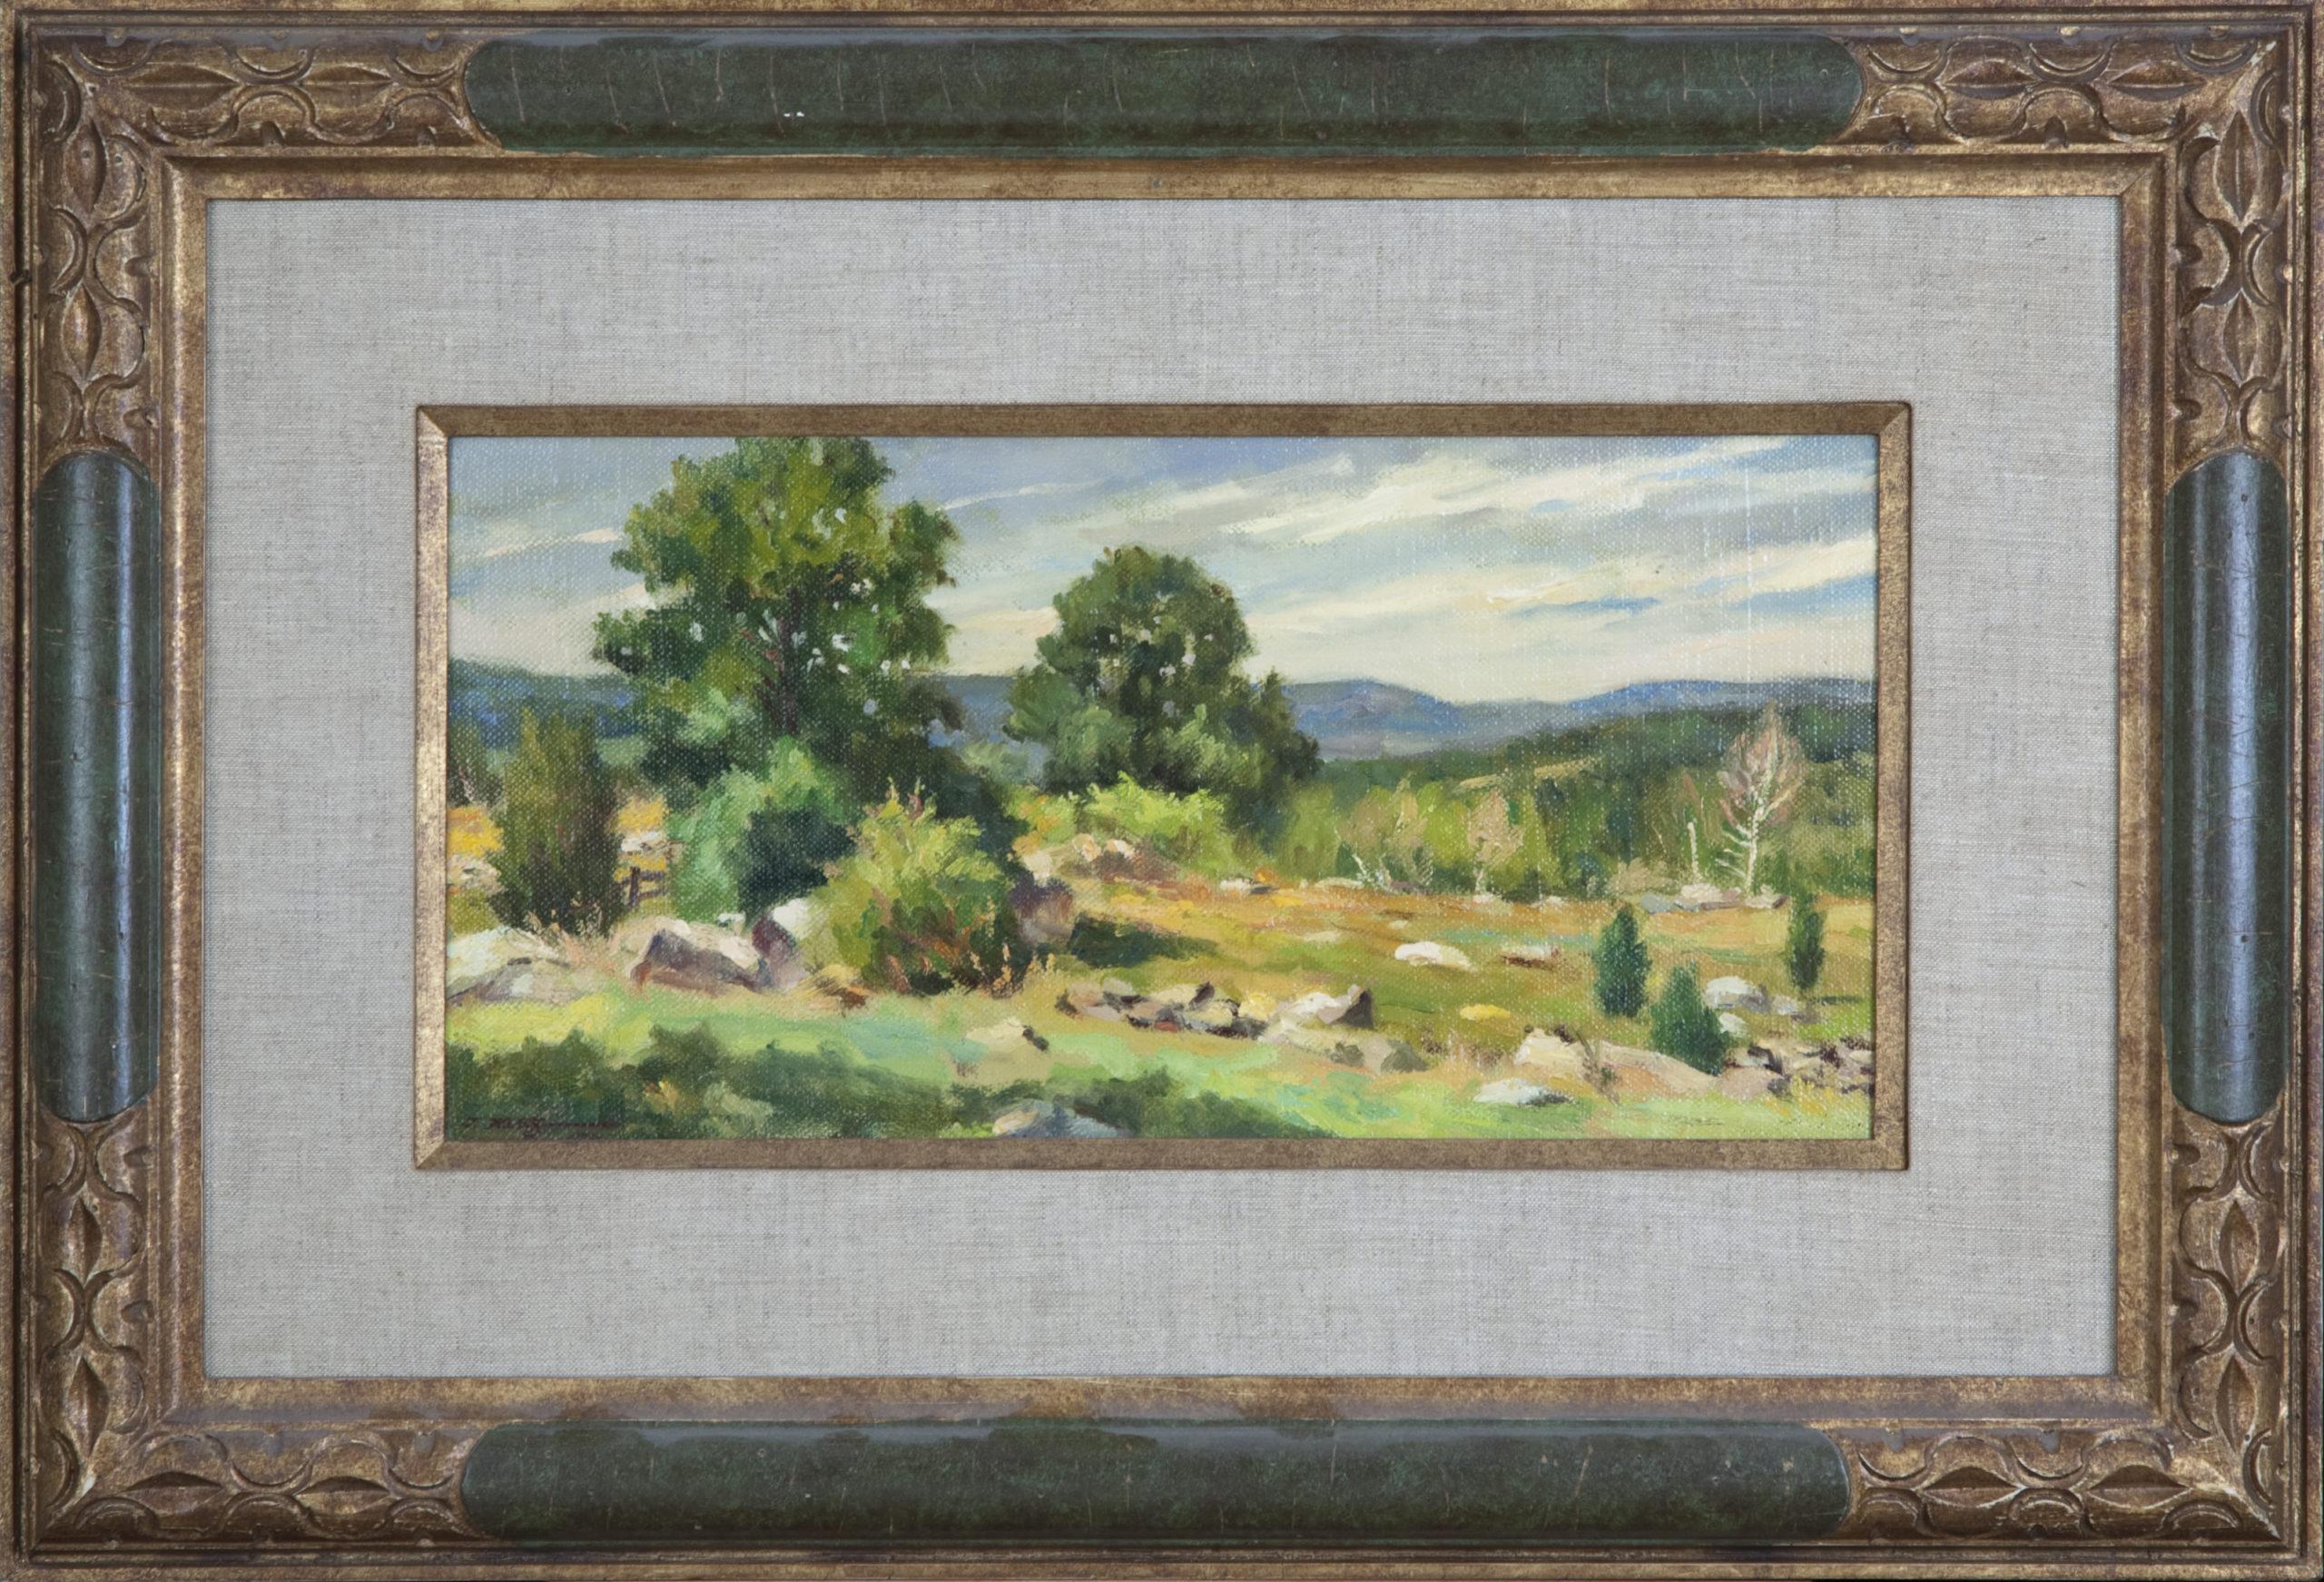 137 Spring 1969 - Oil on Canvas - 16 x 8 - Frame: 25.5 x 17.5 x 1.5